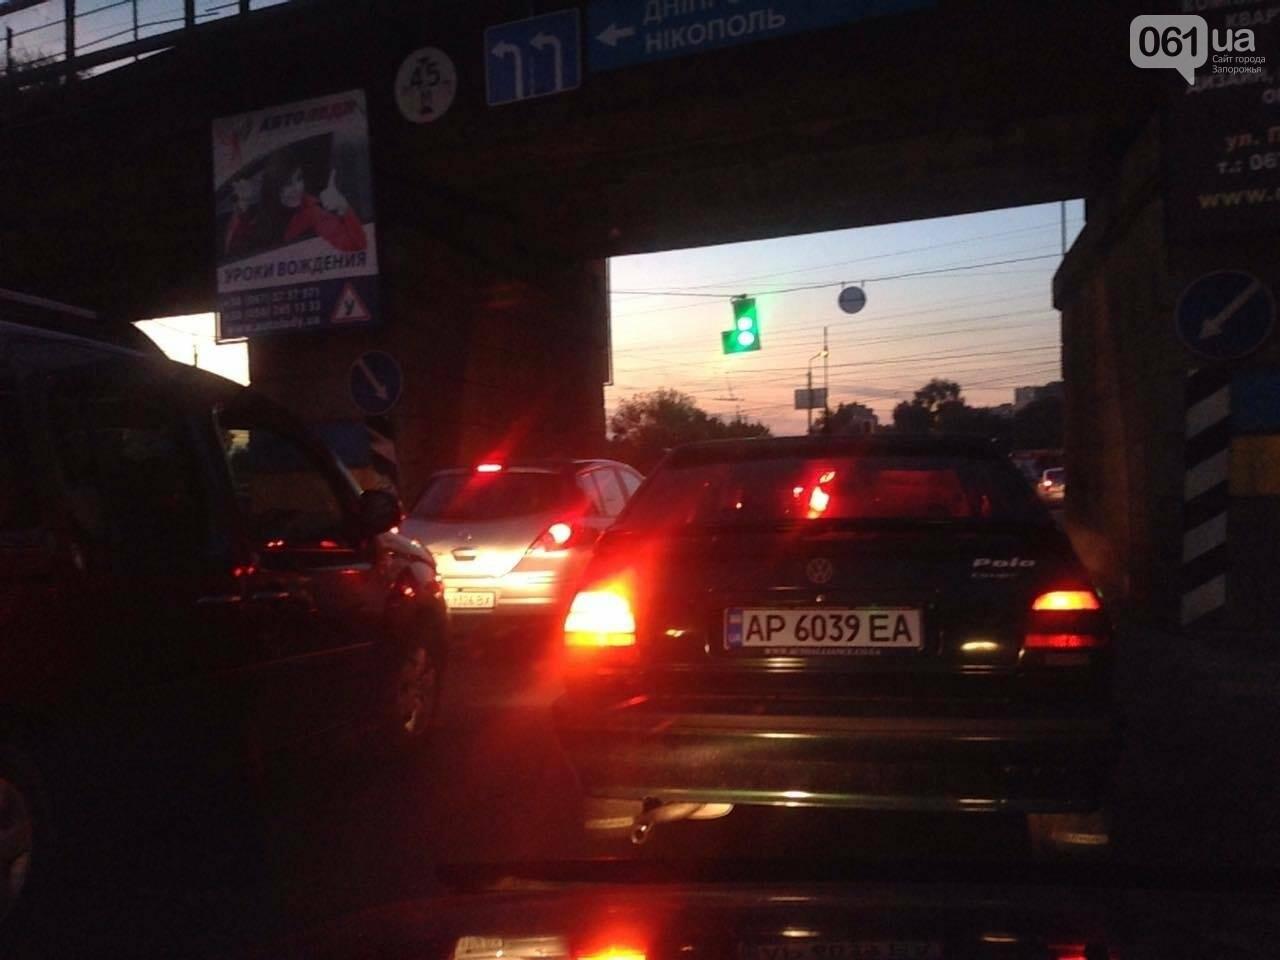 Из-за аварии маршруток на плотине в Запорожье пробка аж от площади Поляка, - фото с места ДТП, фото-14